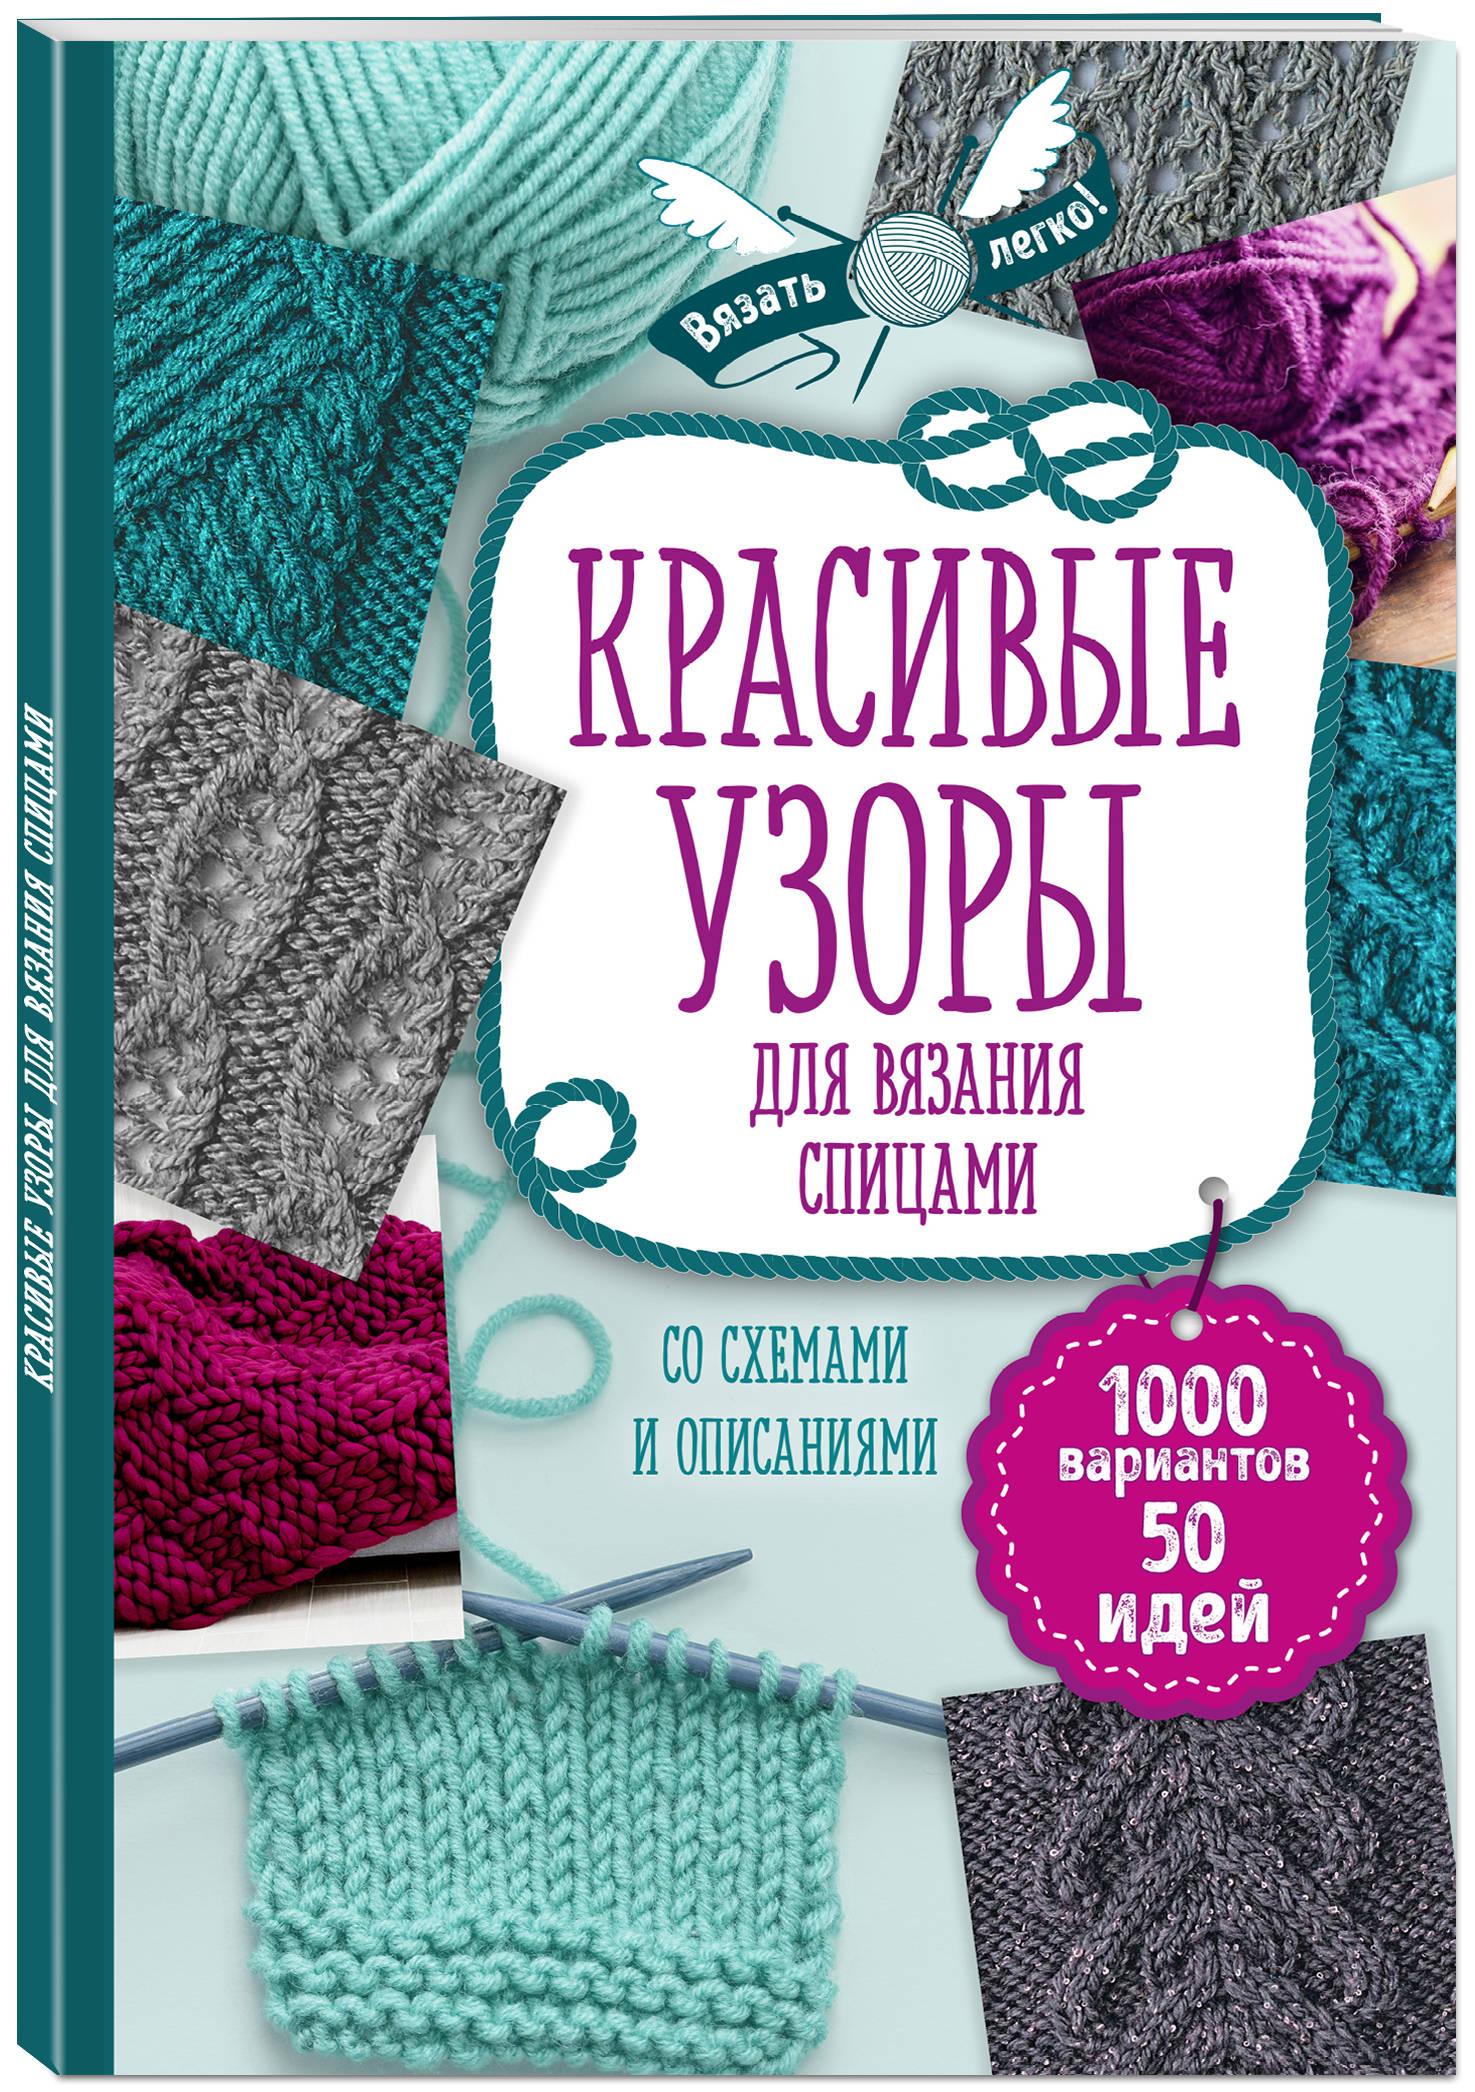 Красивые узоры для вязания спицами волшебный клубок новые узоры для вязания спицами